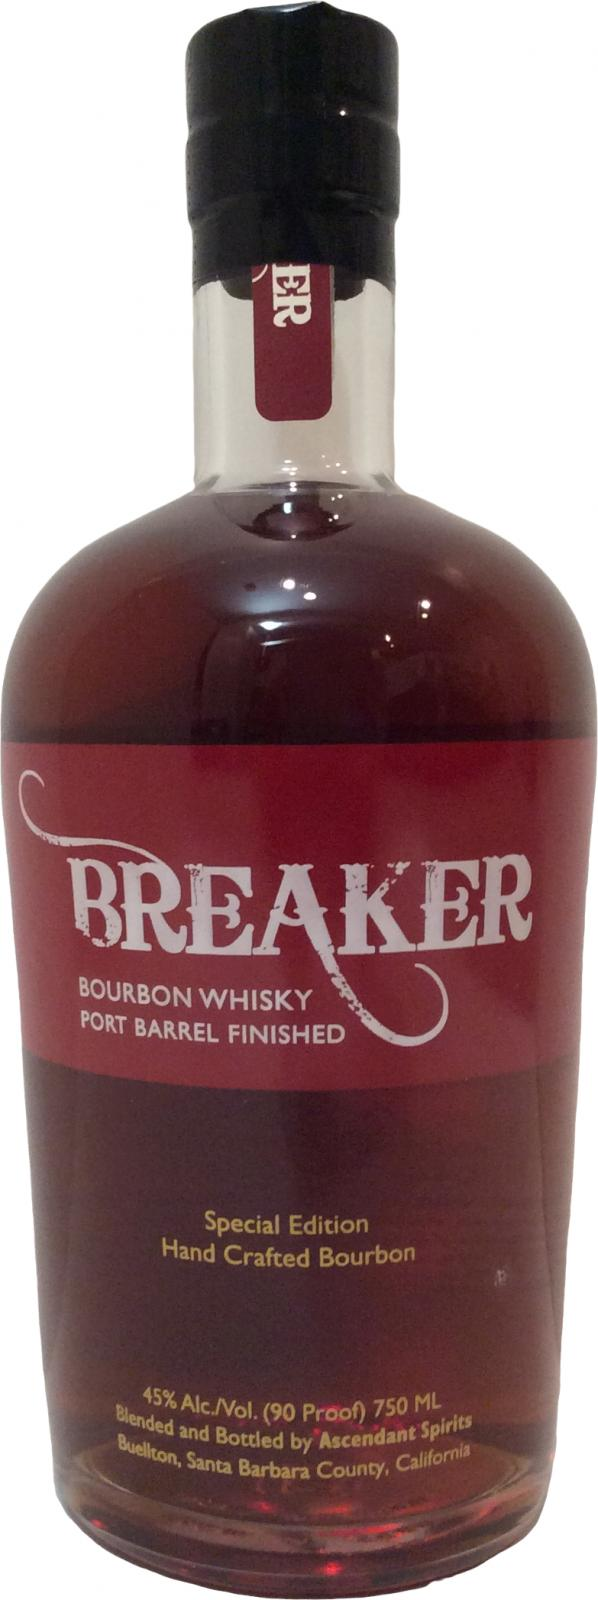 Breaker Special Edition